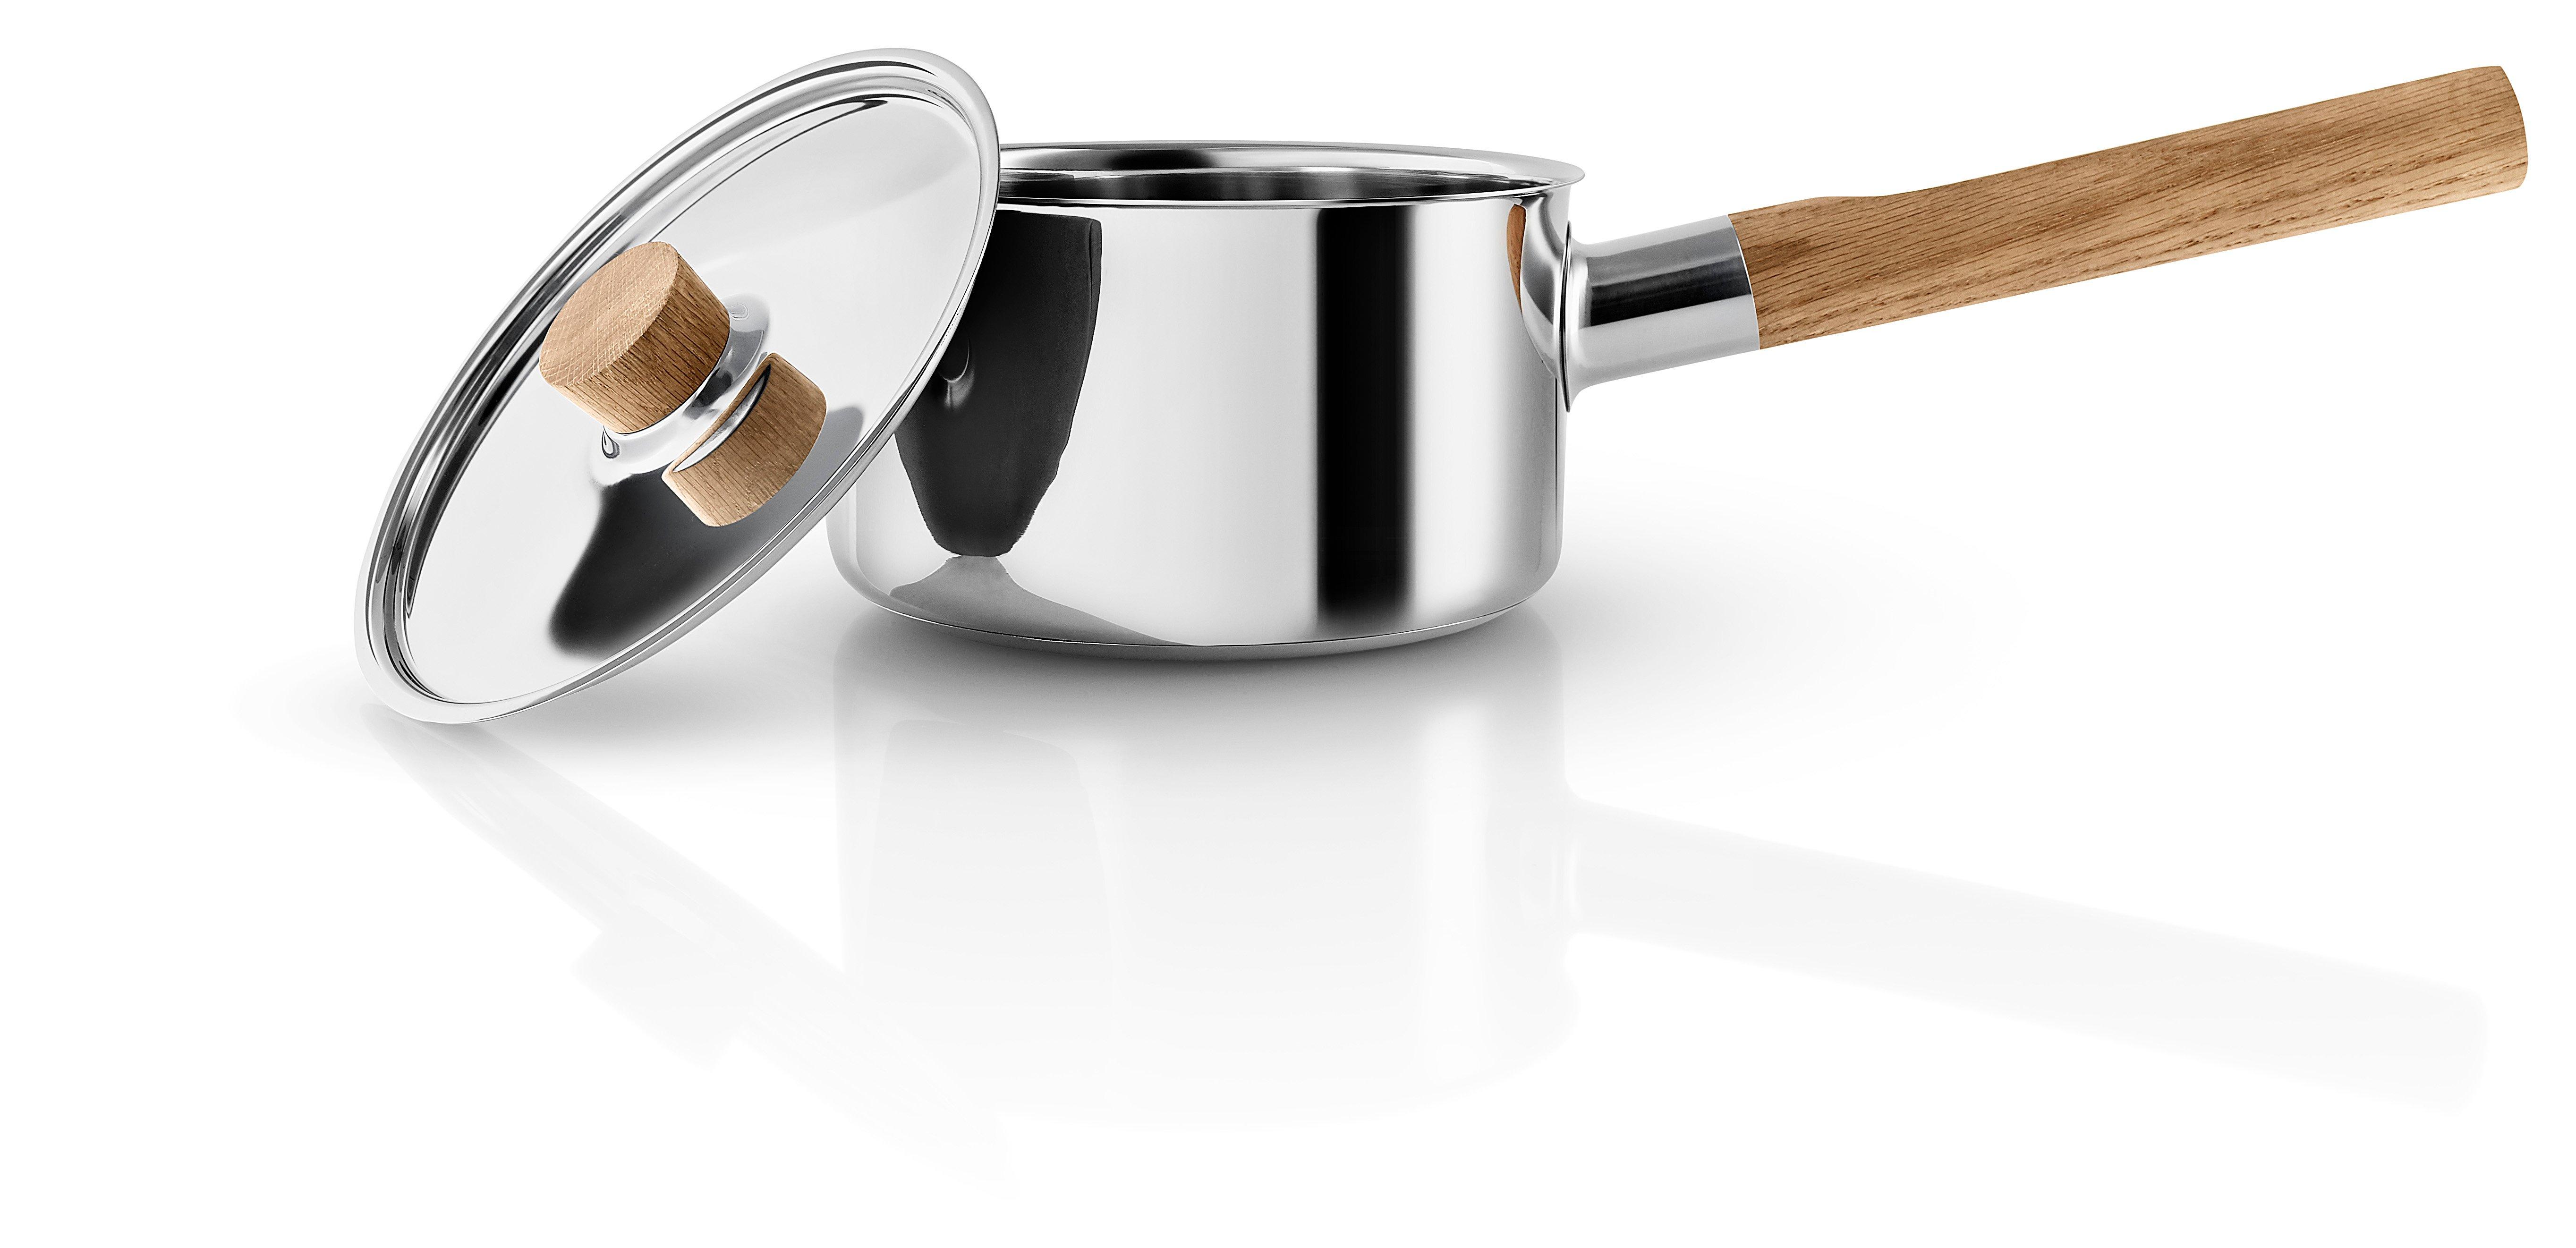 Eva Solo - Nordic Kitchen Saucenpfanne 1,5 L (281216)